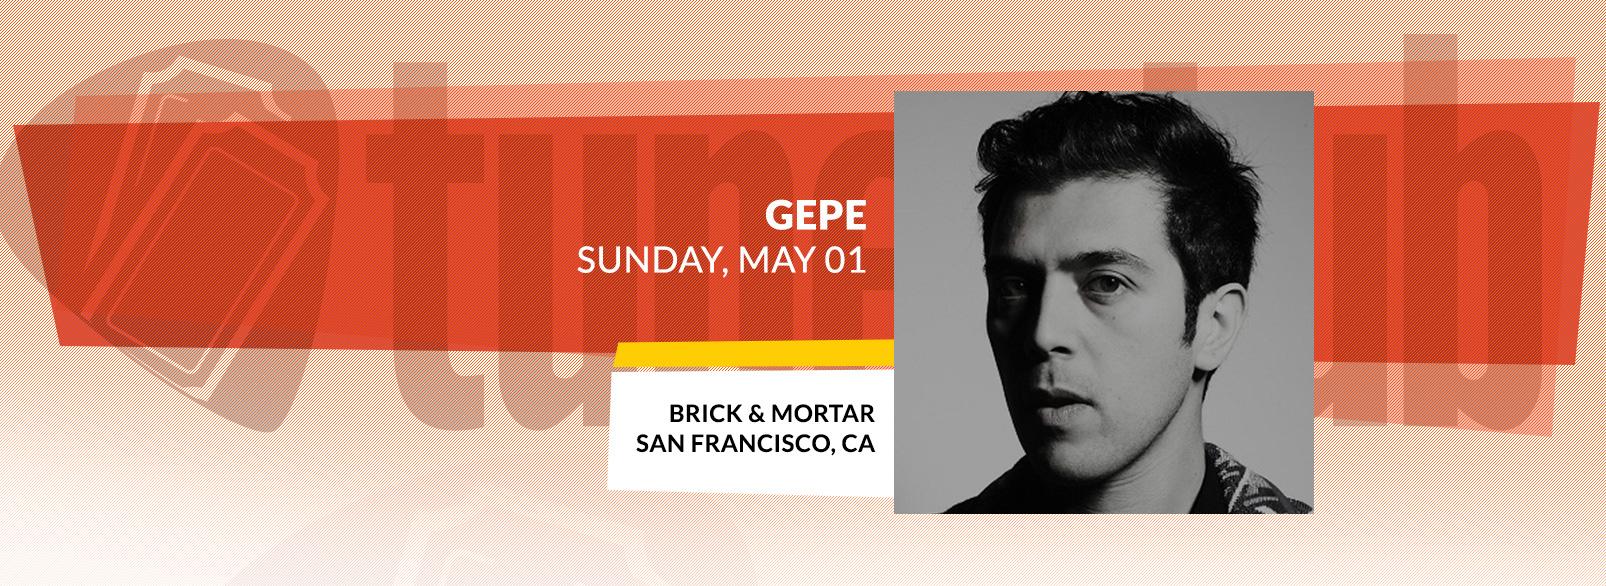 Gepe @ Brick & Mortar